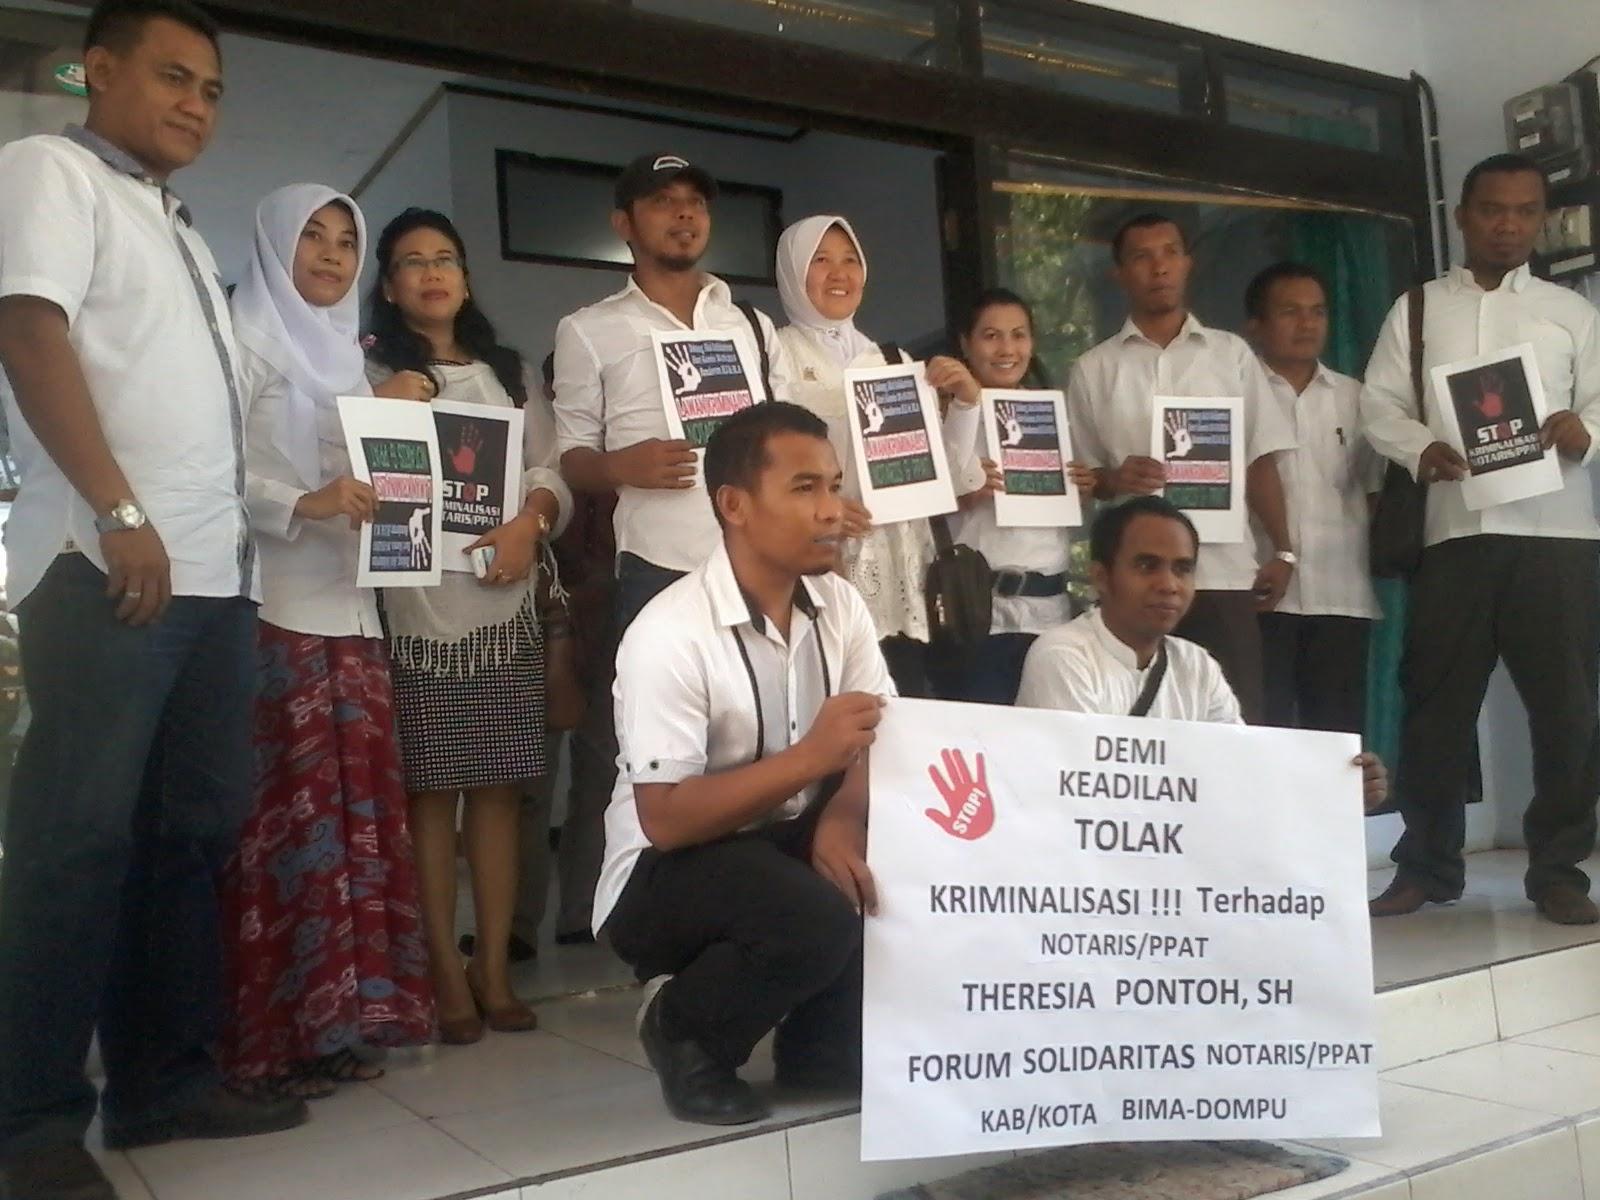 Rekan Dikriminalisasi, Forum Notaris Bima-Dompu Gelar Aksi Solidaritas